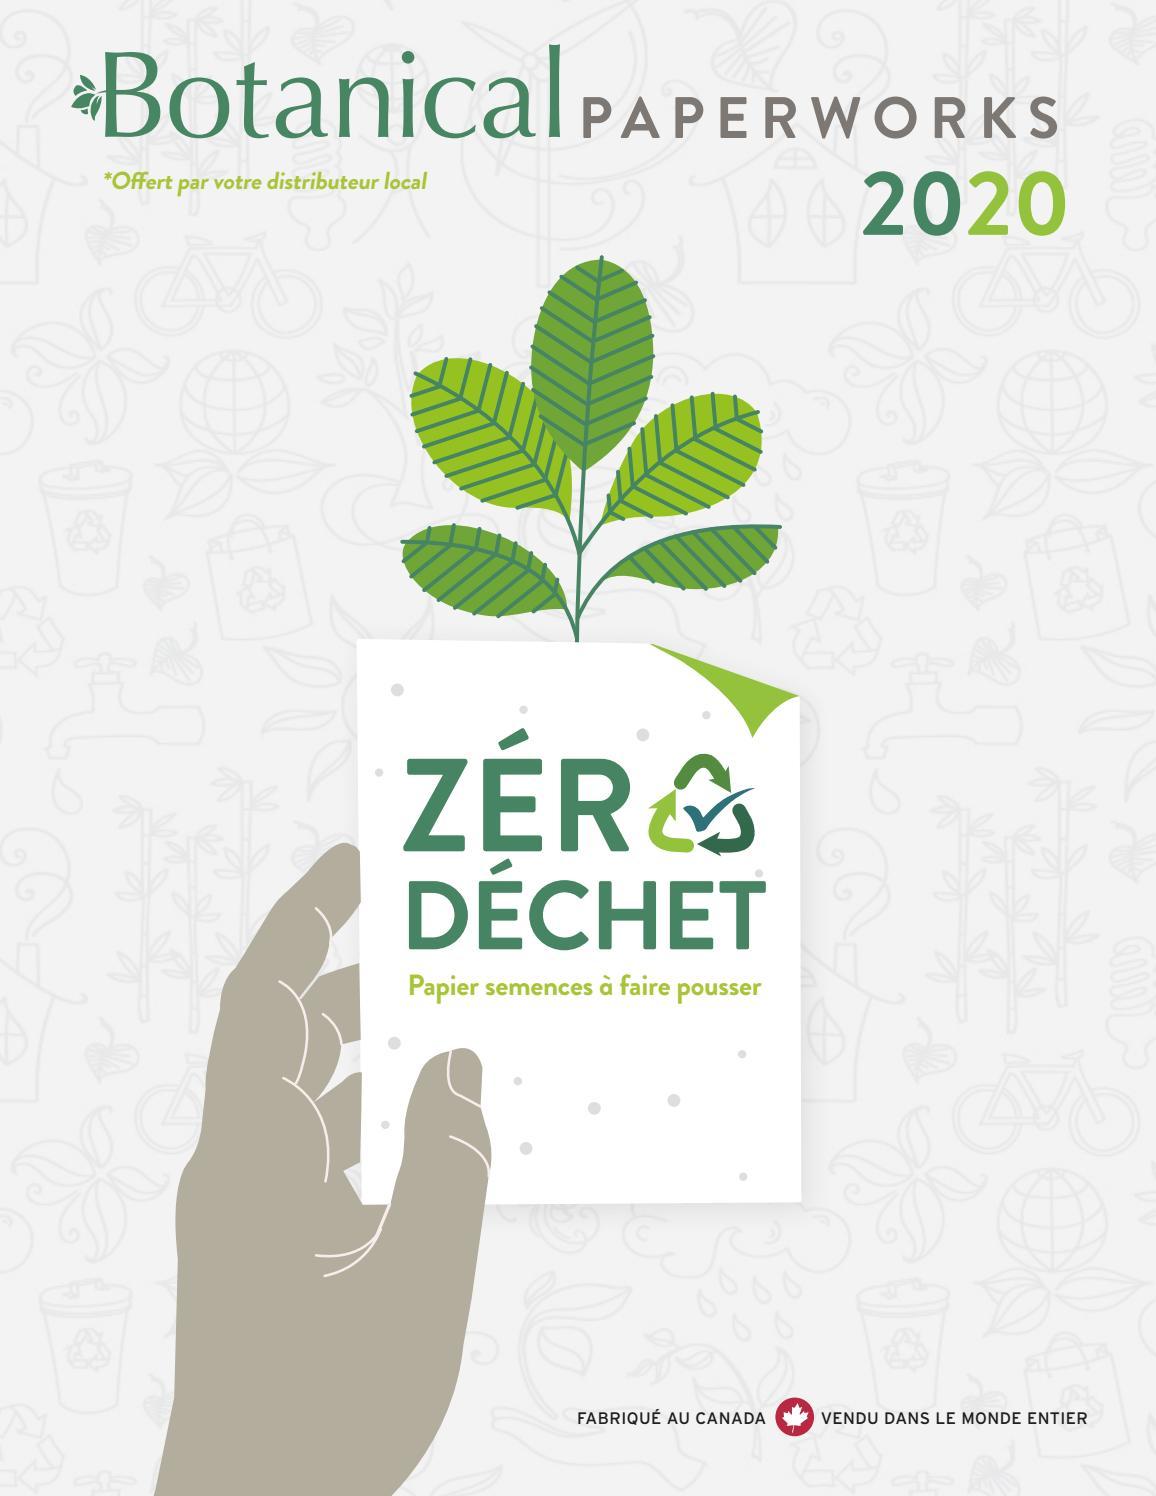 Comment Faire Une Pousse De Houx catalogue de produits promotionnels botanical paperworks